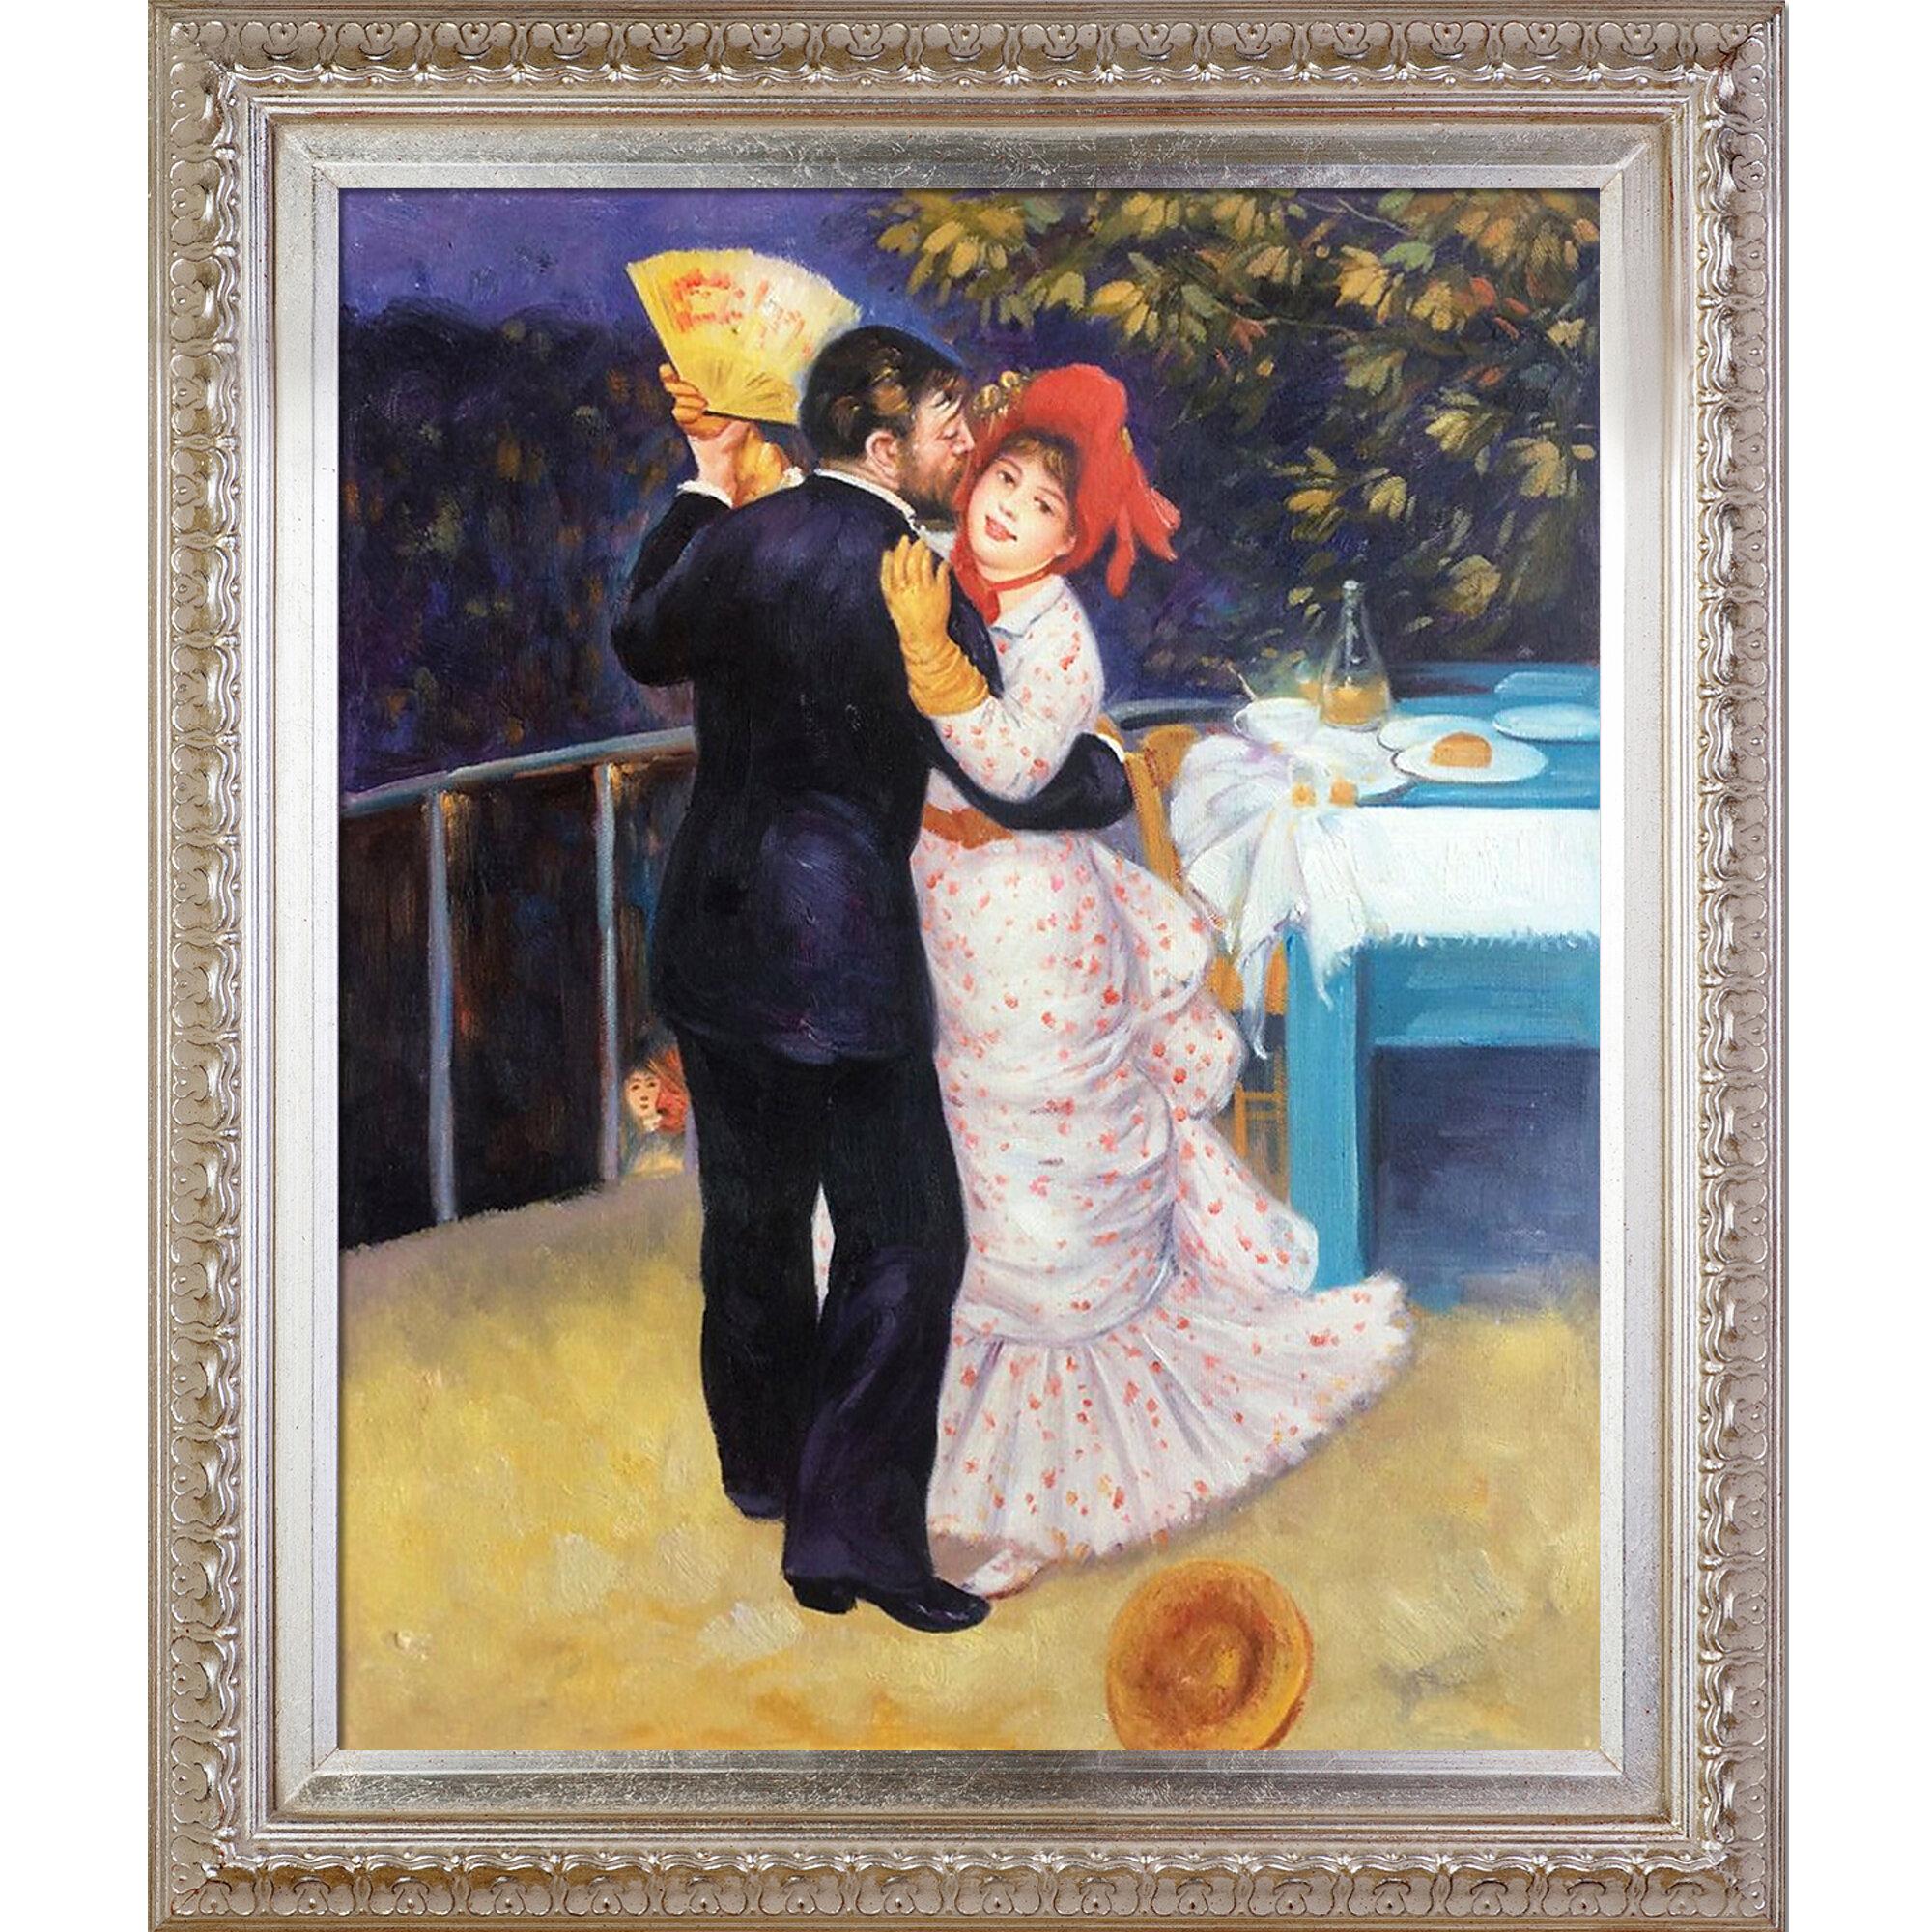 Vault W Artwork Dance In The Country By Pierre Auguste Renoir Framed Painting Wayfair